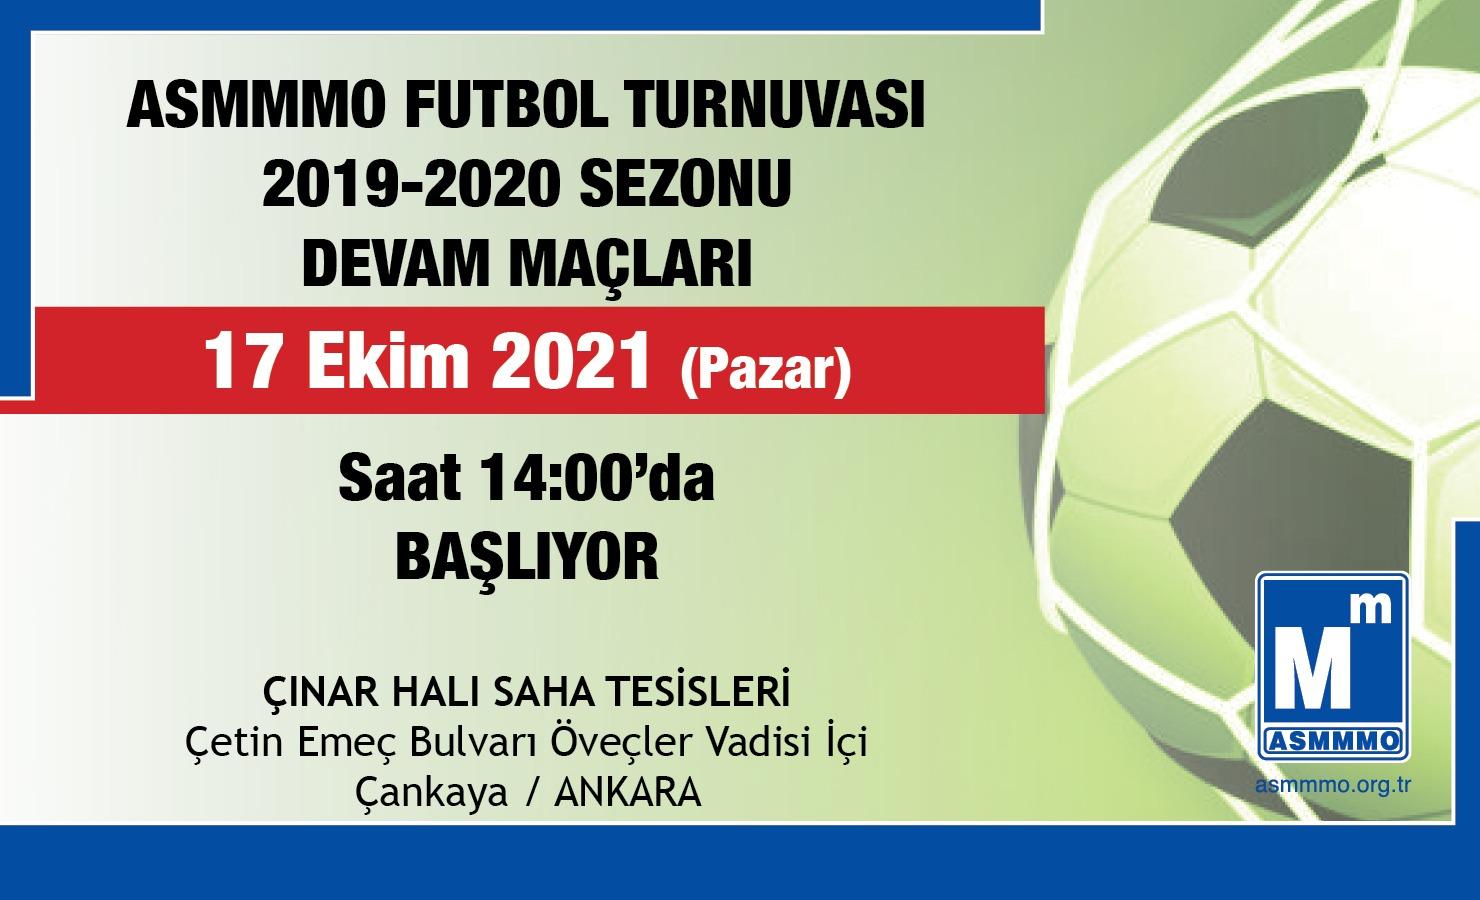 ASMMMO Futbol Turnuvası 2019-2020 Sezonu Devam Maçları